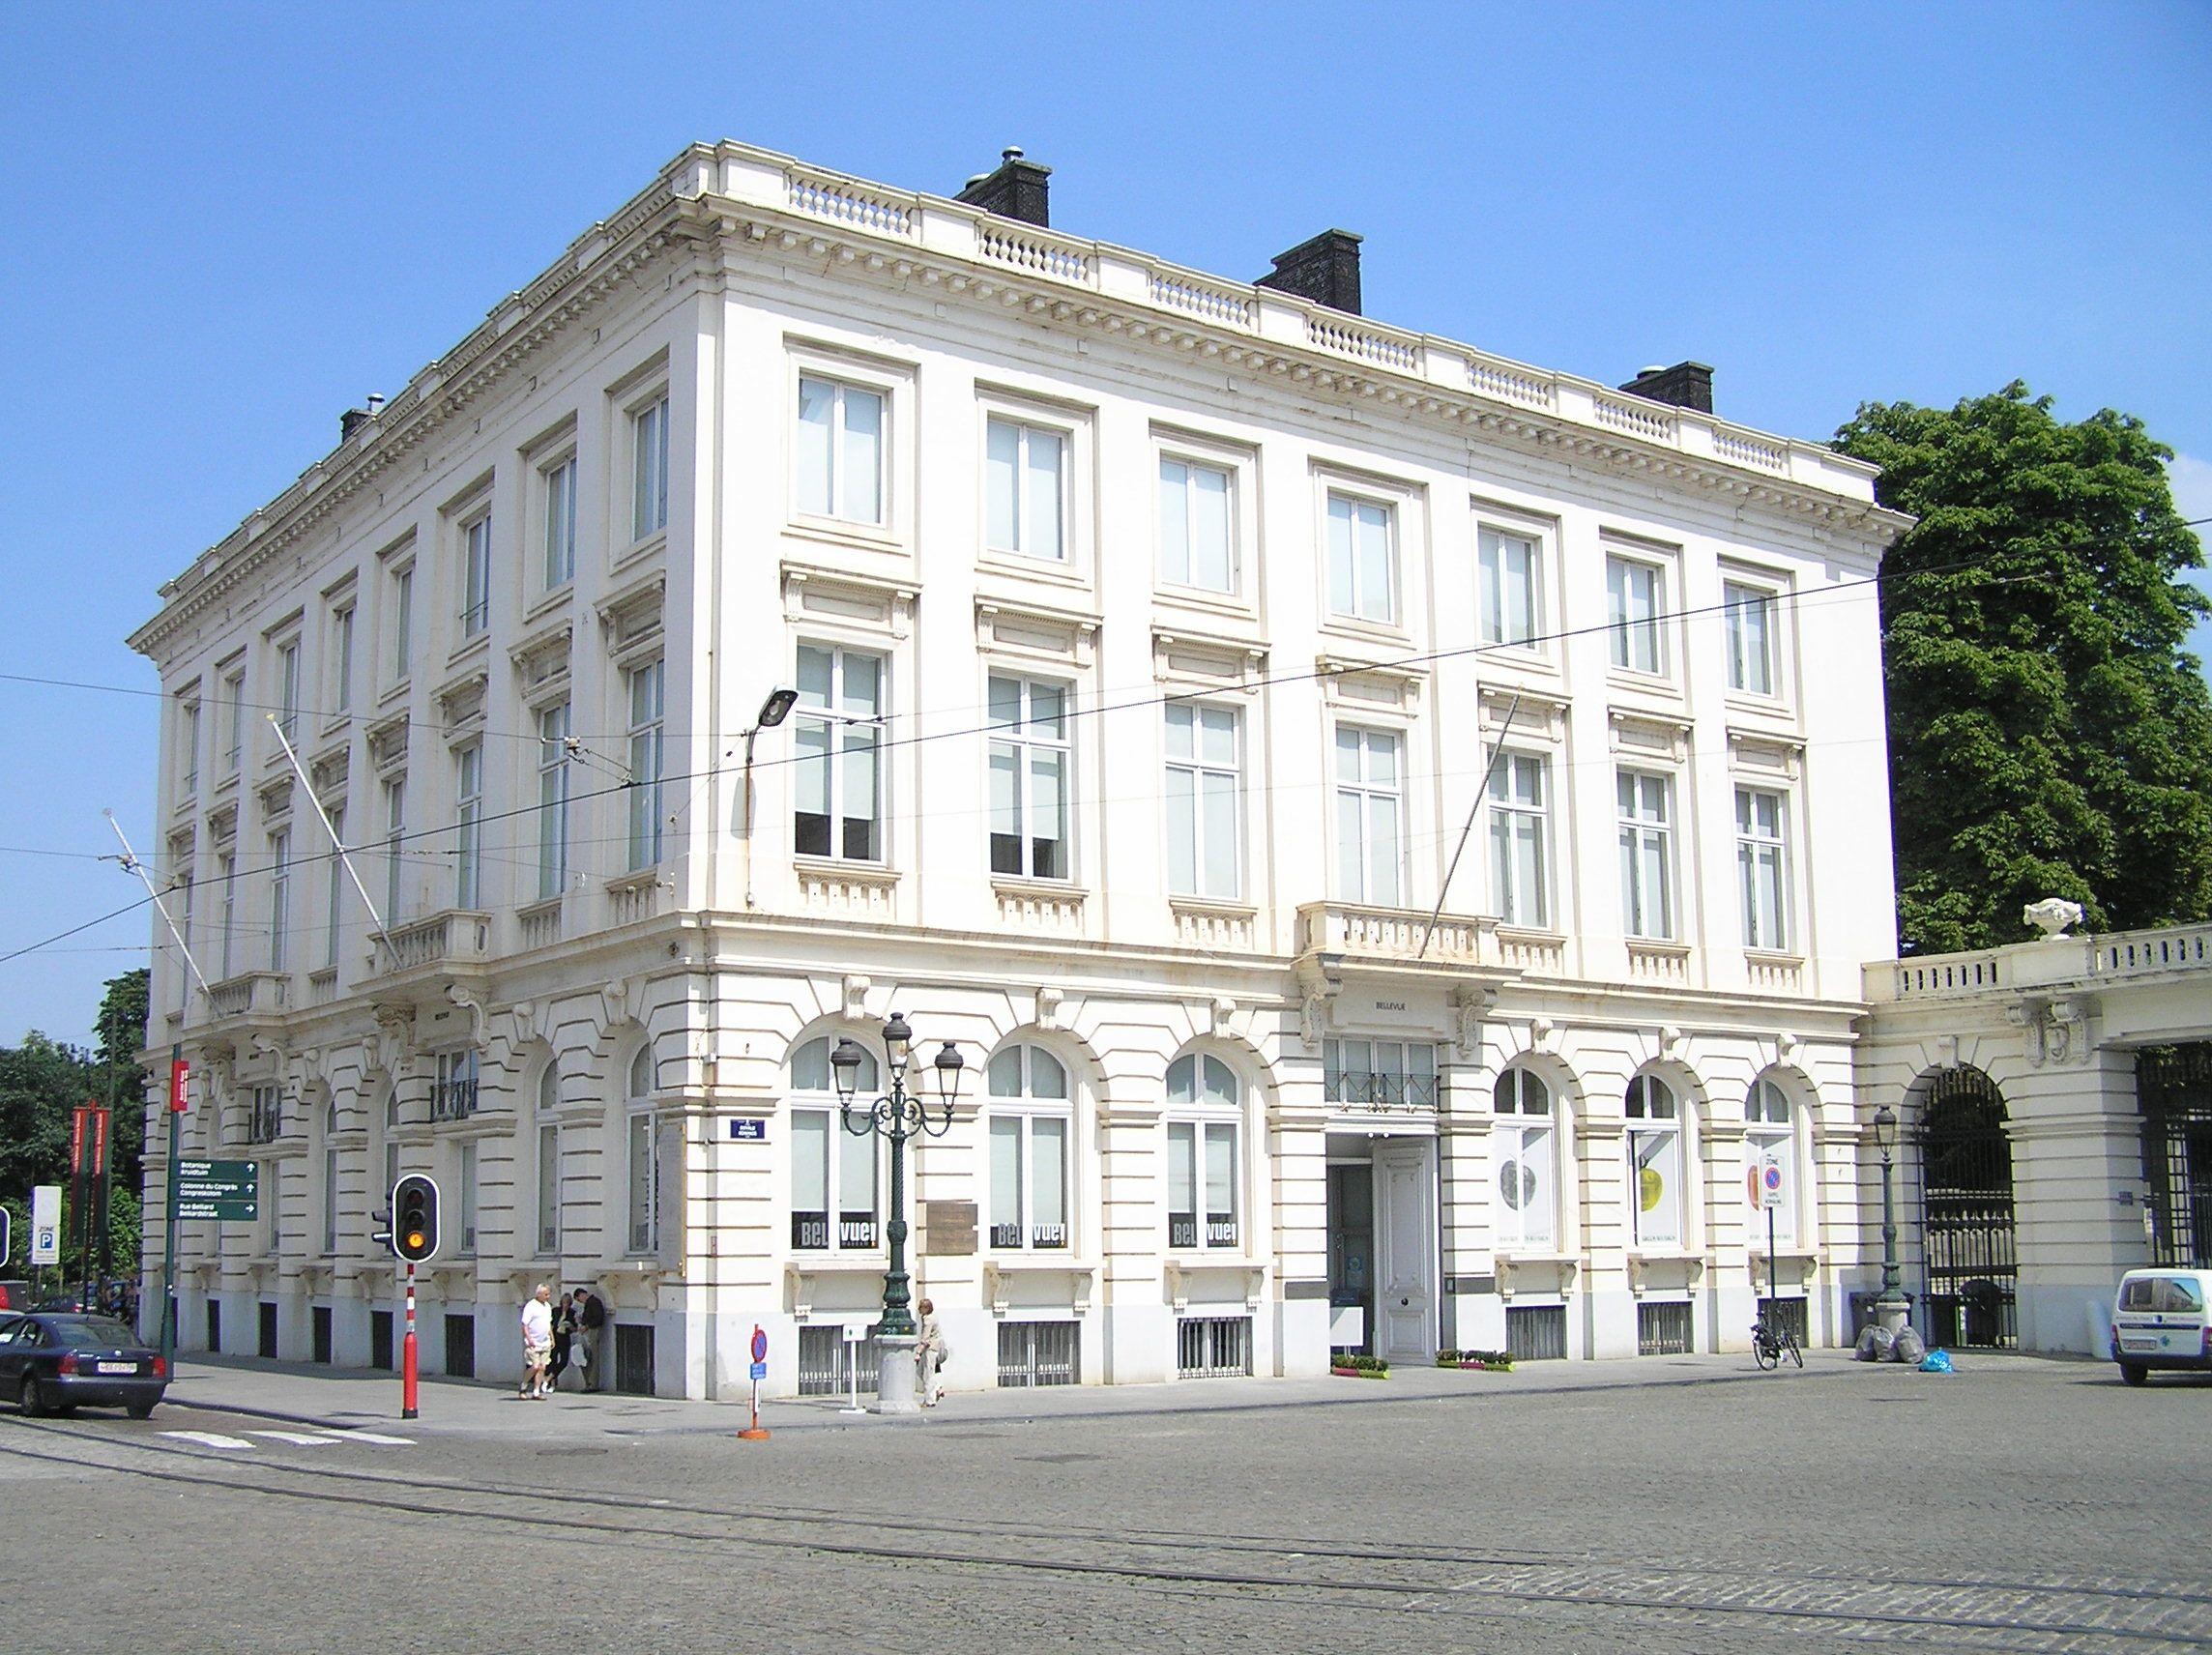 Королевский дворец в Брюсселе || Palais Royal de Bruxelles 36e0a1265521c86e47ae9ef32b88f0a2